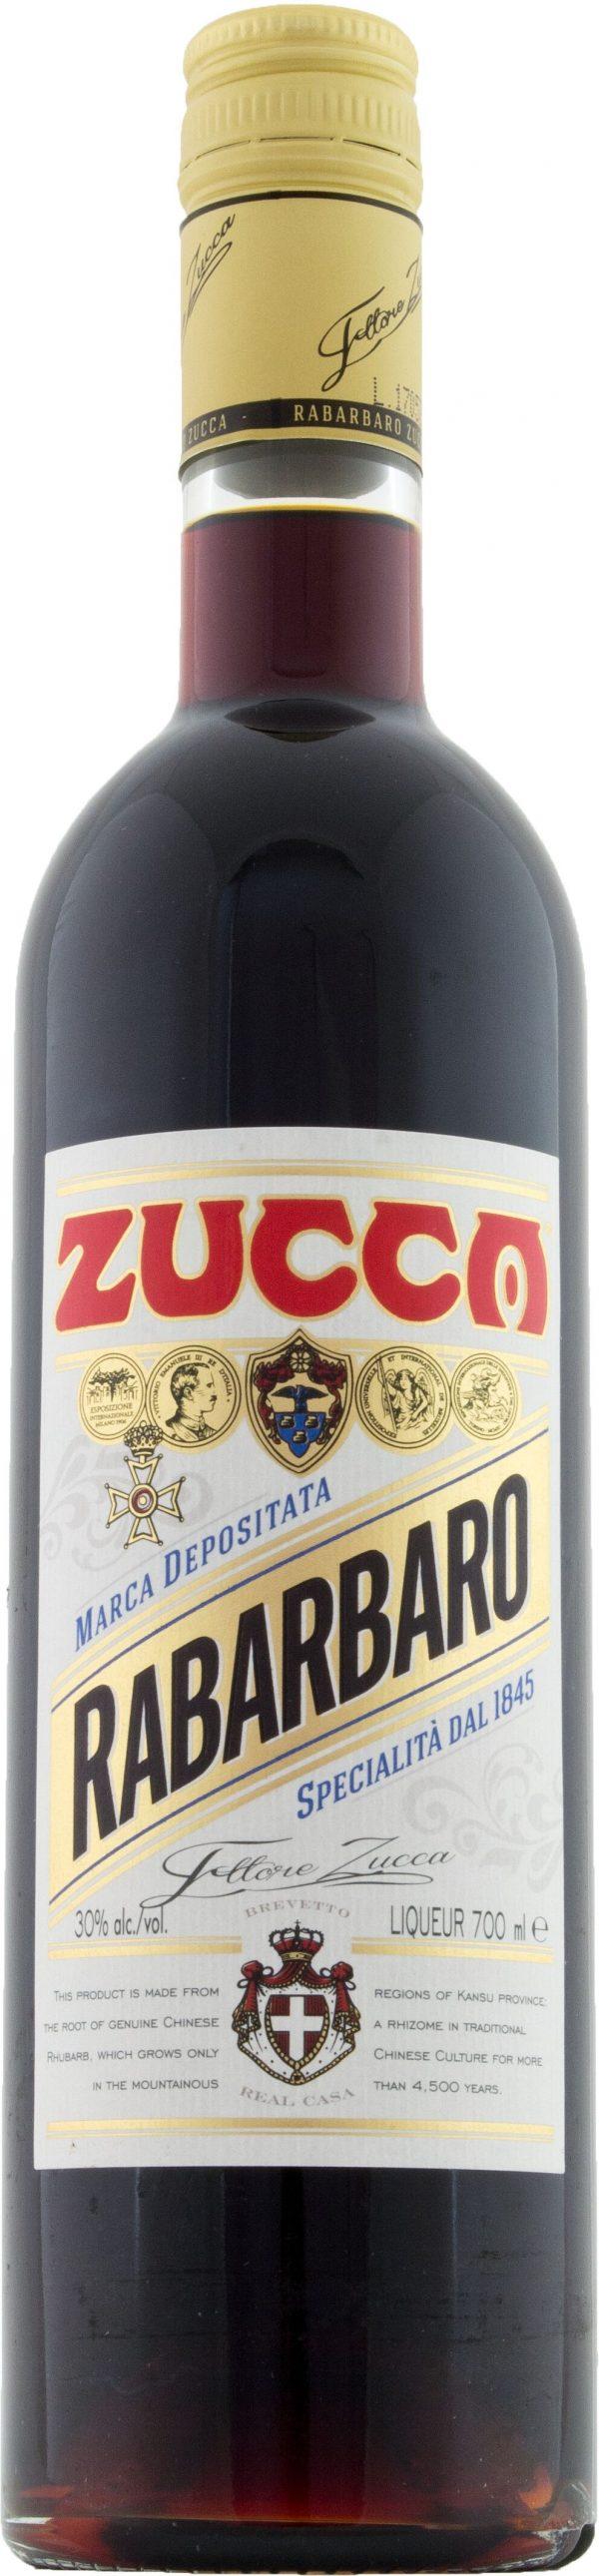 Zucca Rabarbaro 70cl